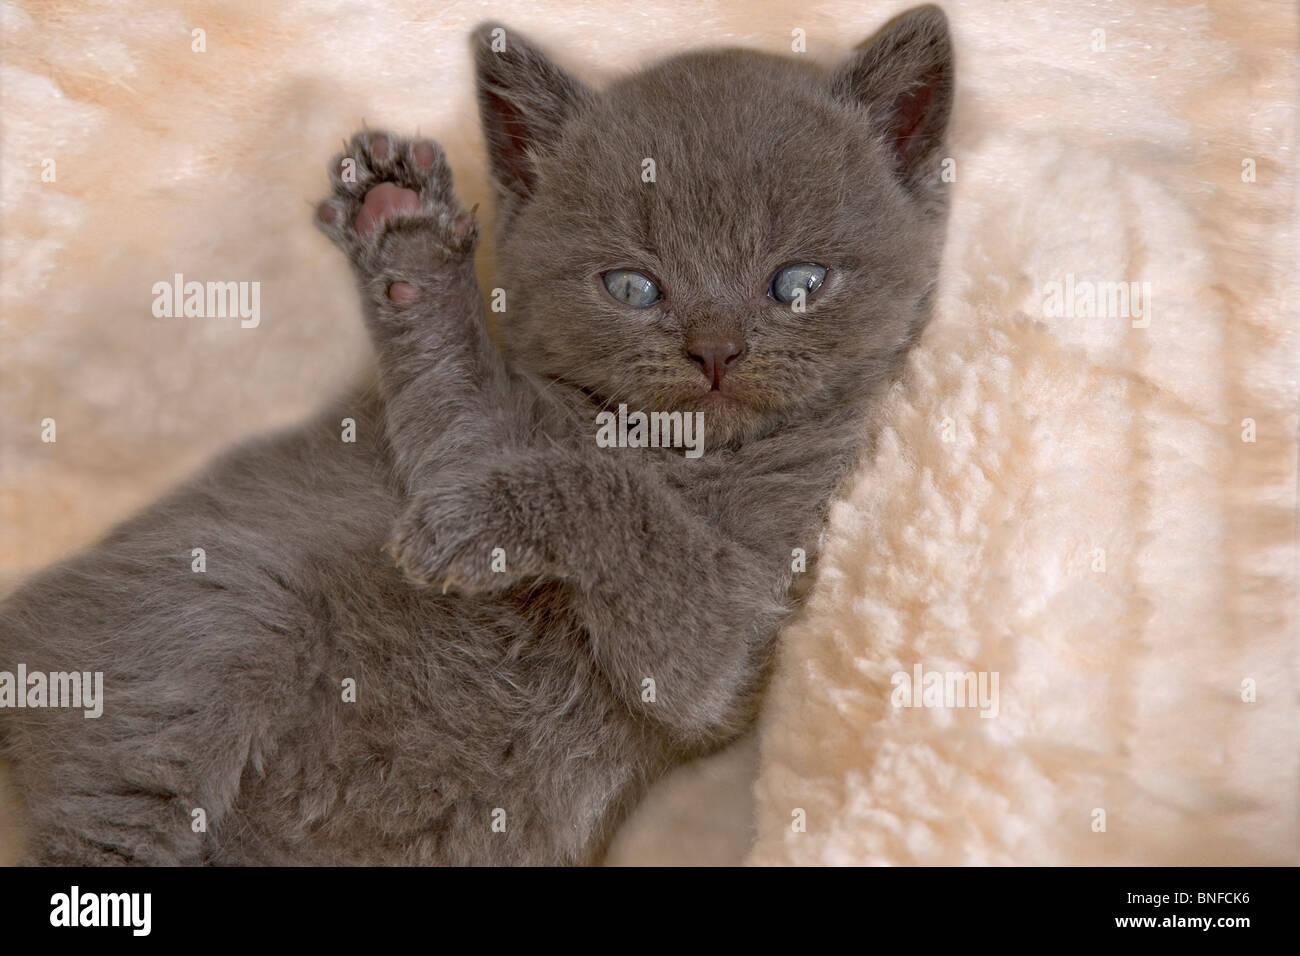 multi cat household litter